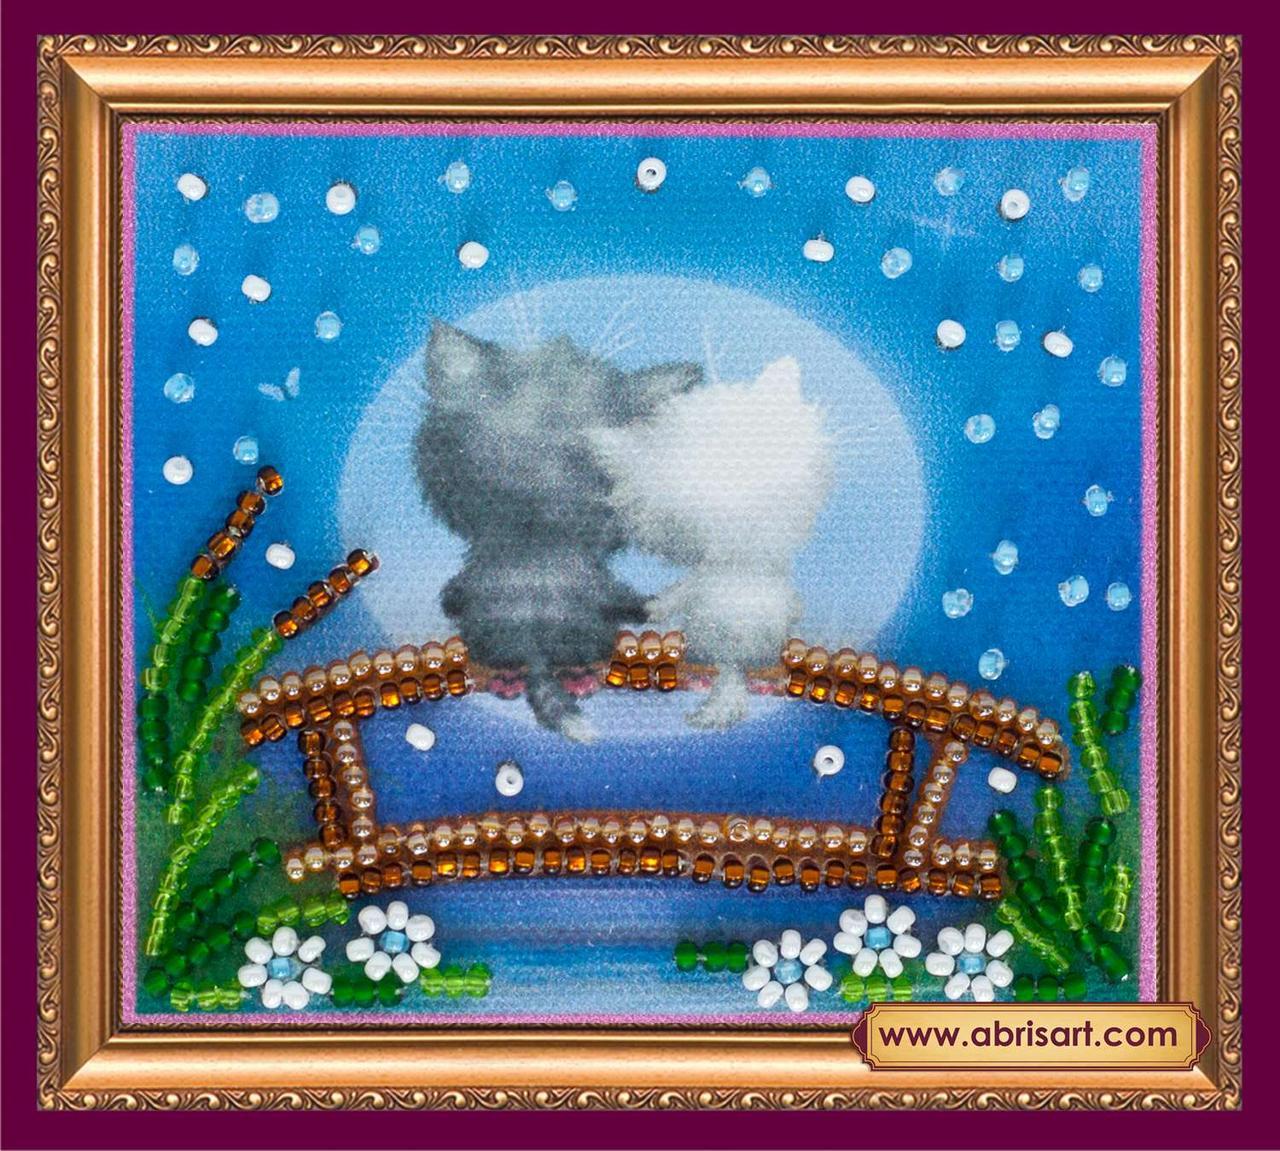 Набор для вышивки бисером ТМ АБрис Арт «Магнит» Лунные коты